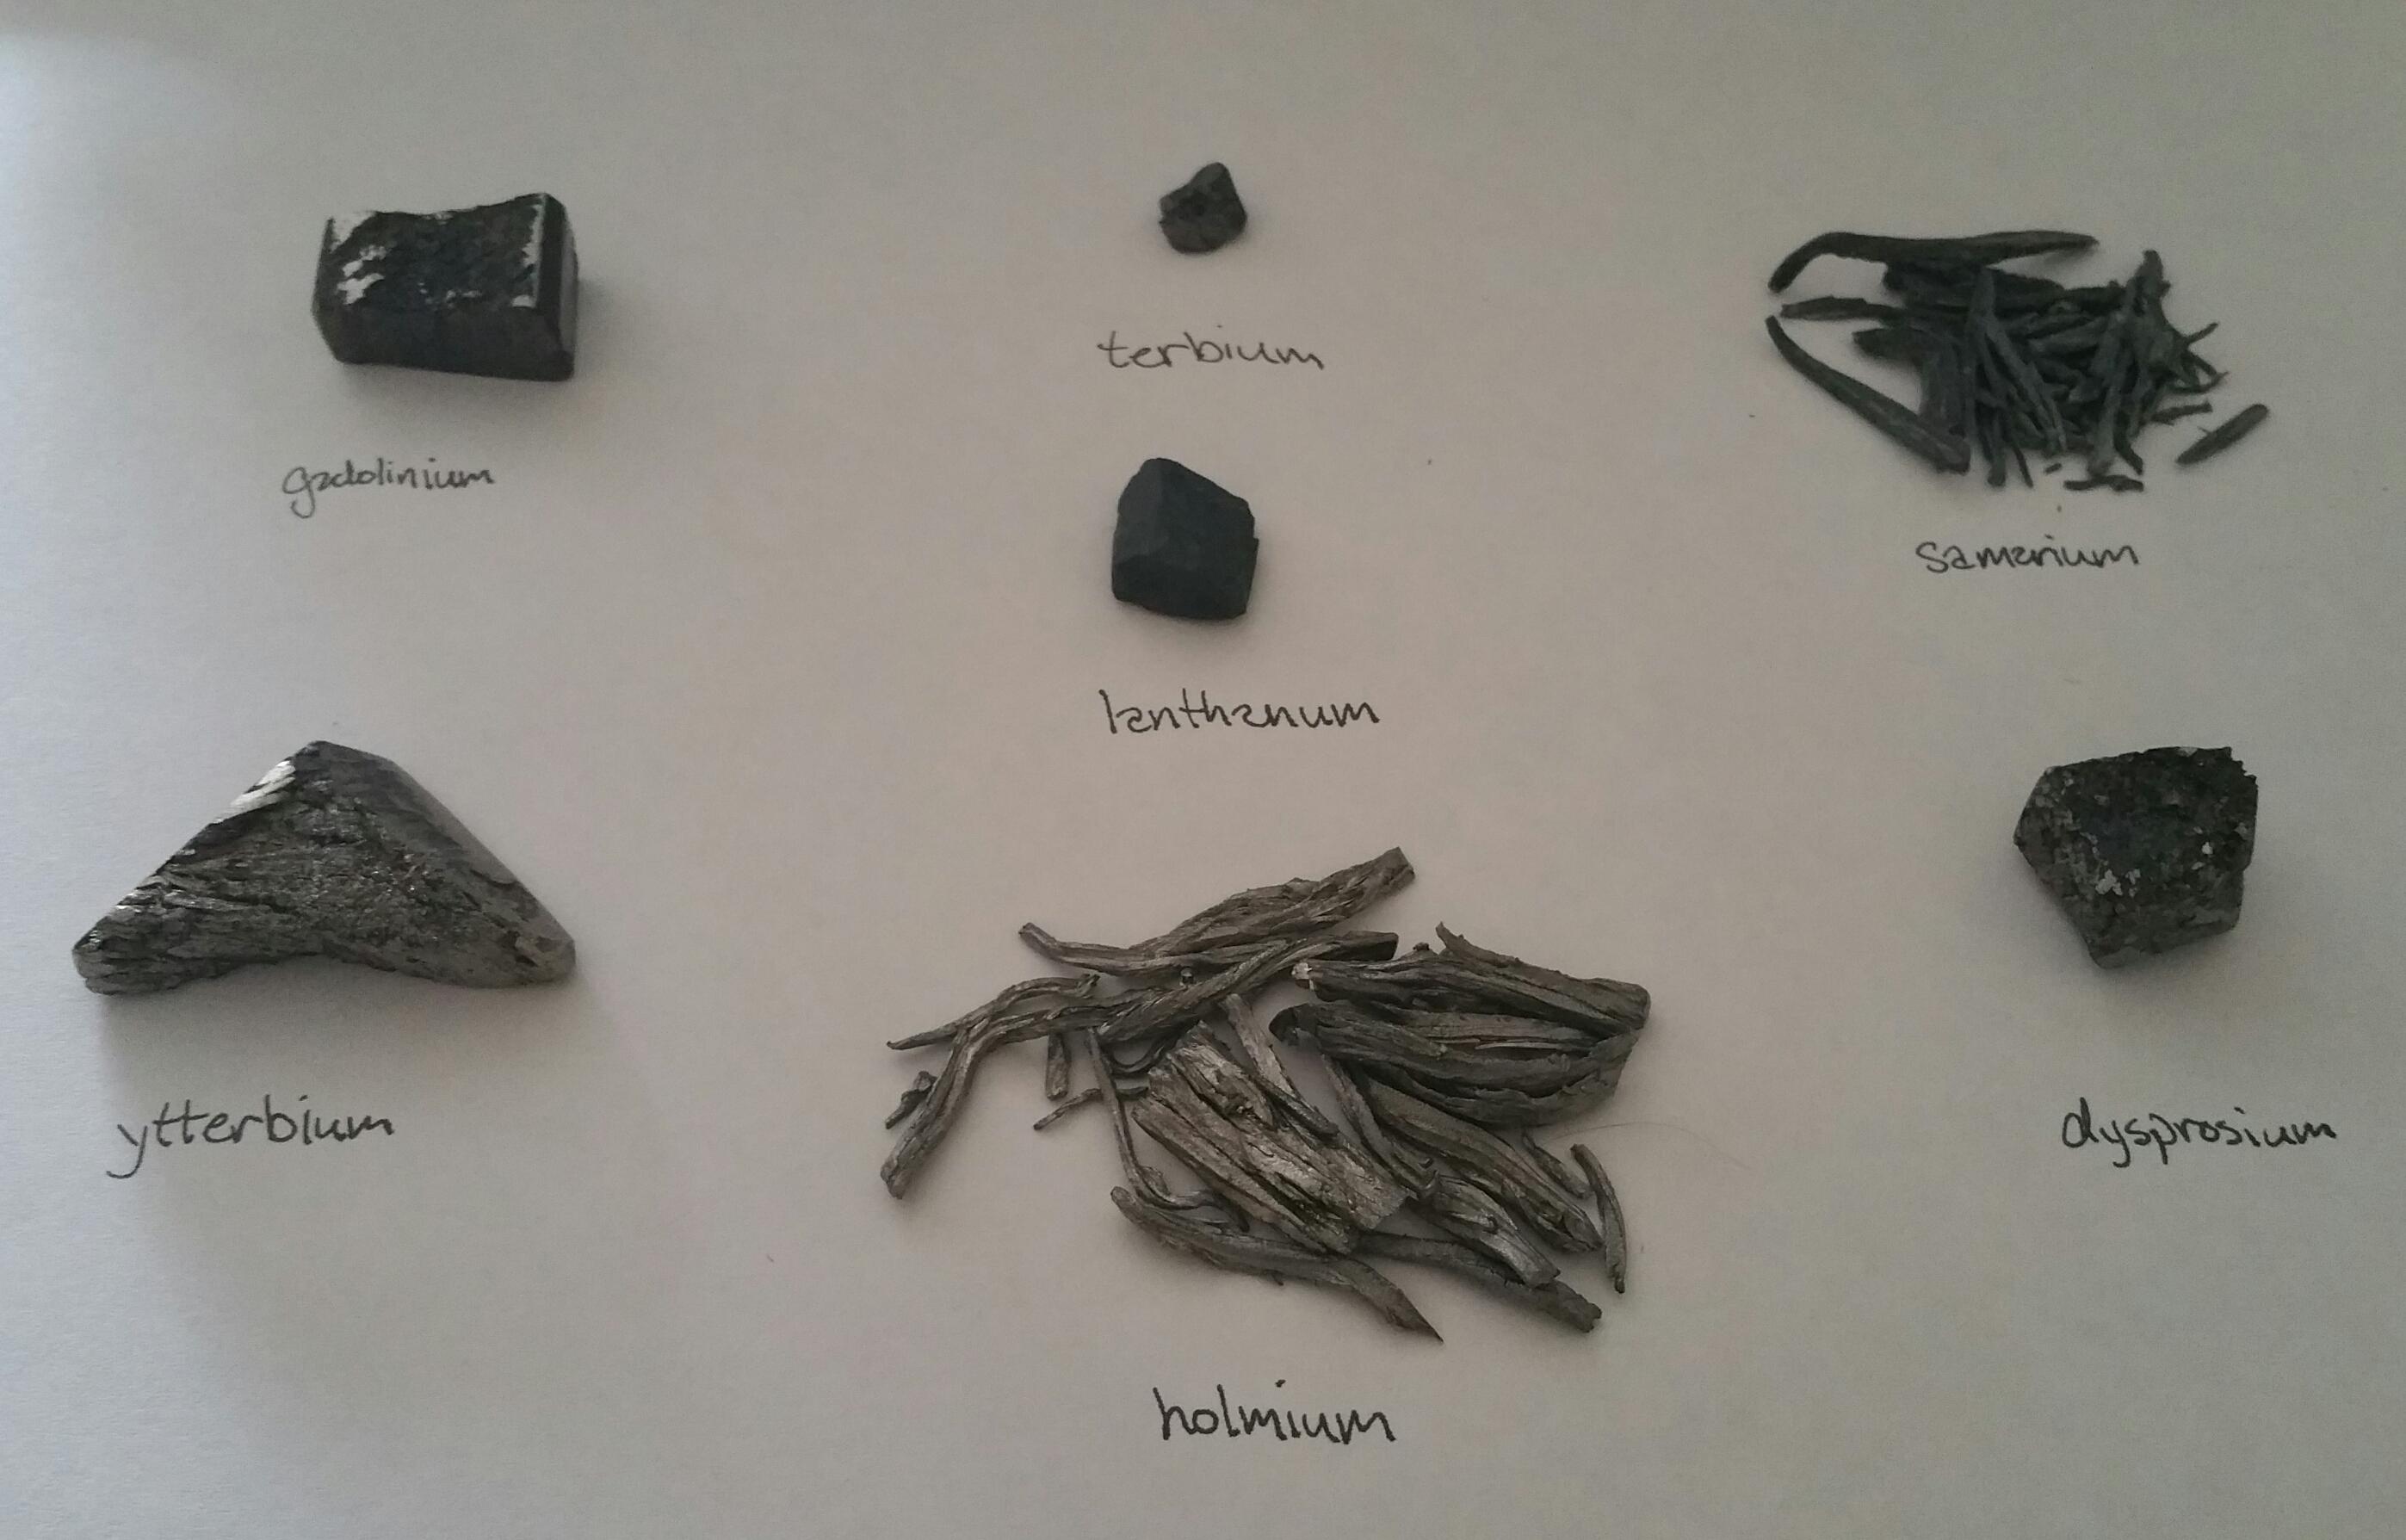 Seven lanthanides. Image courtesy of Wikimedia Commons